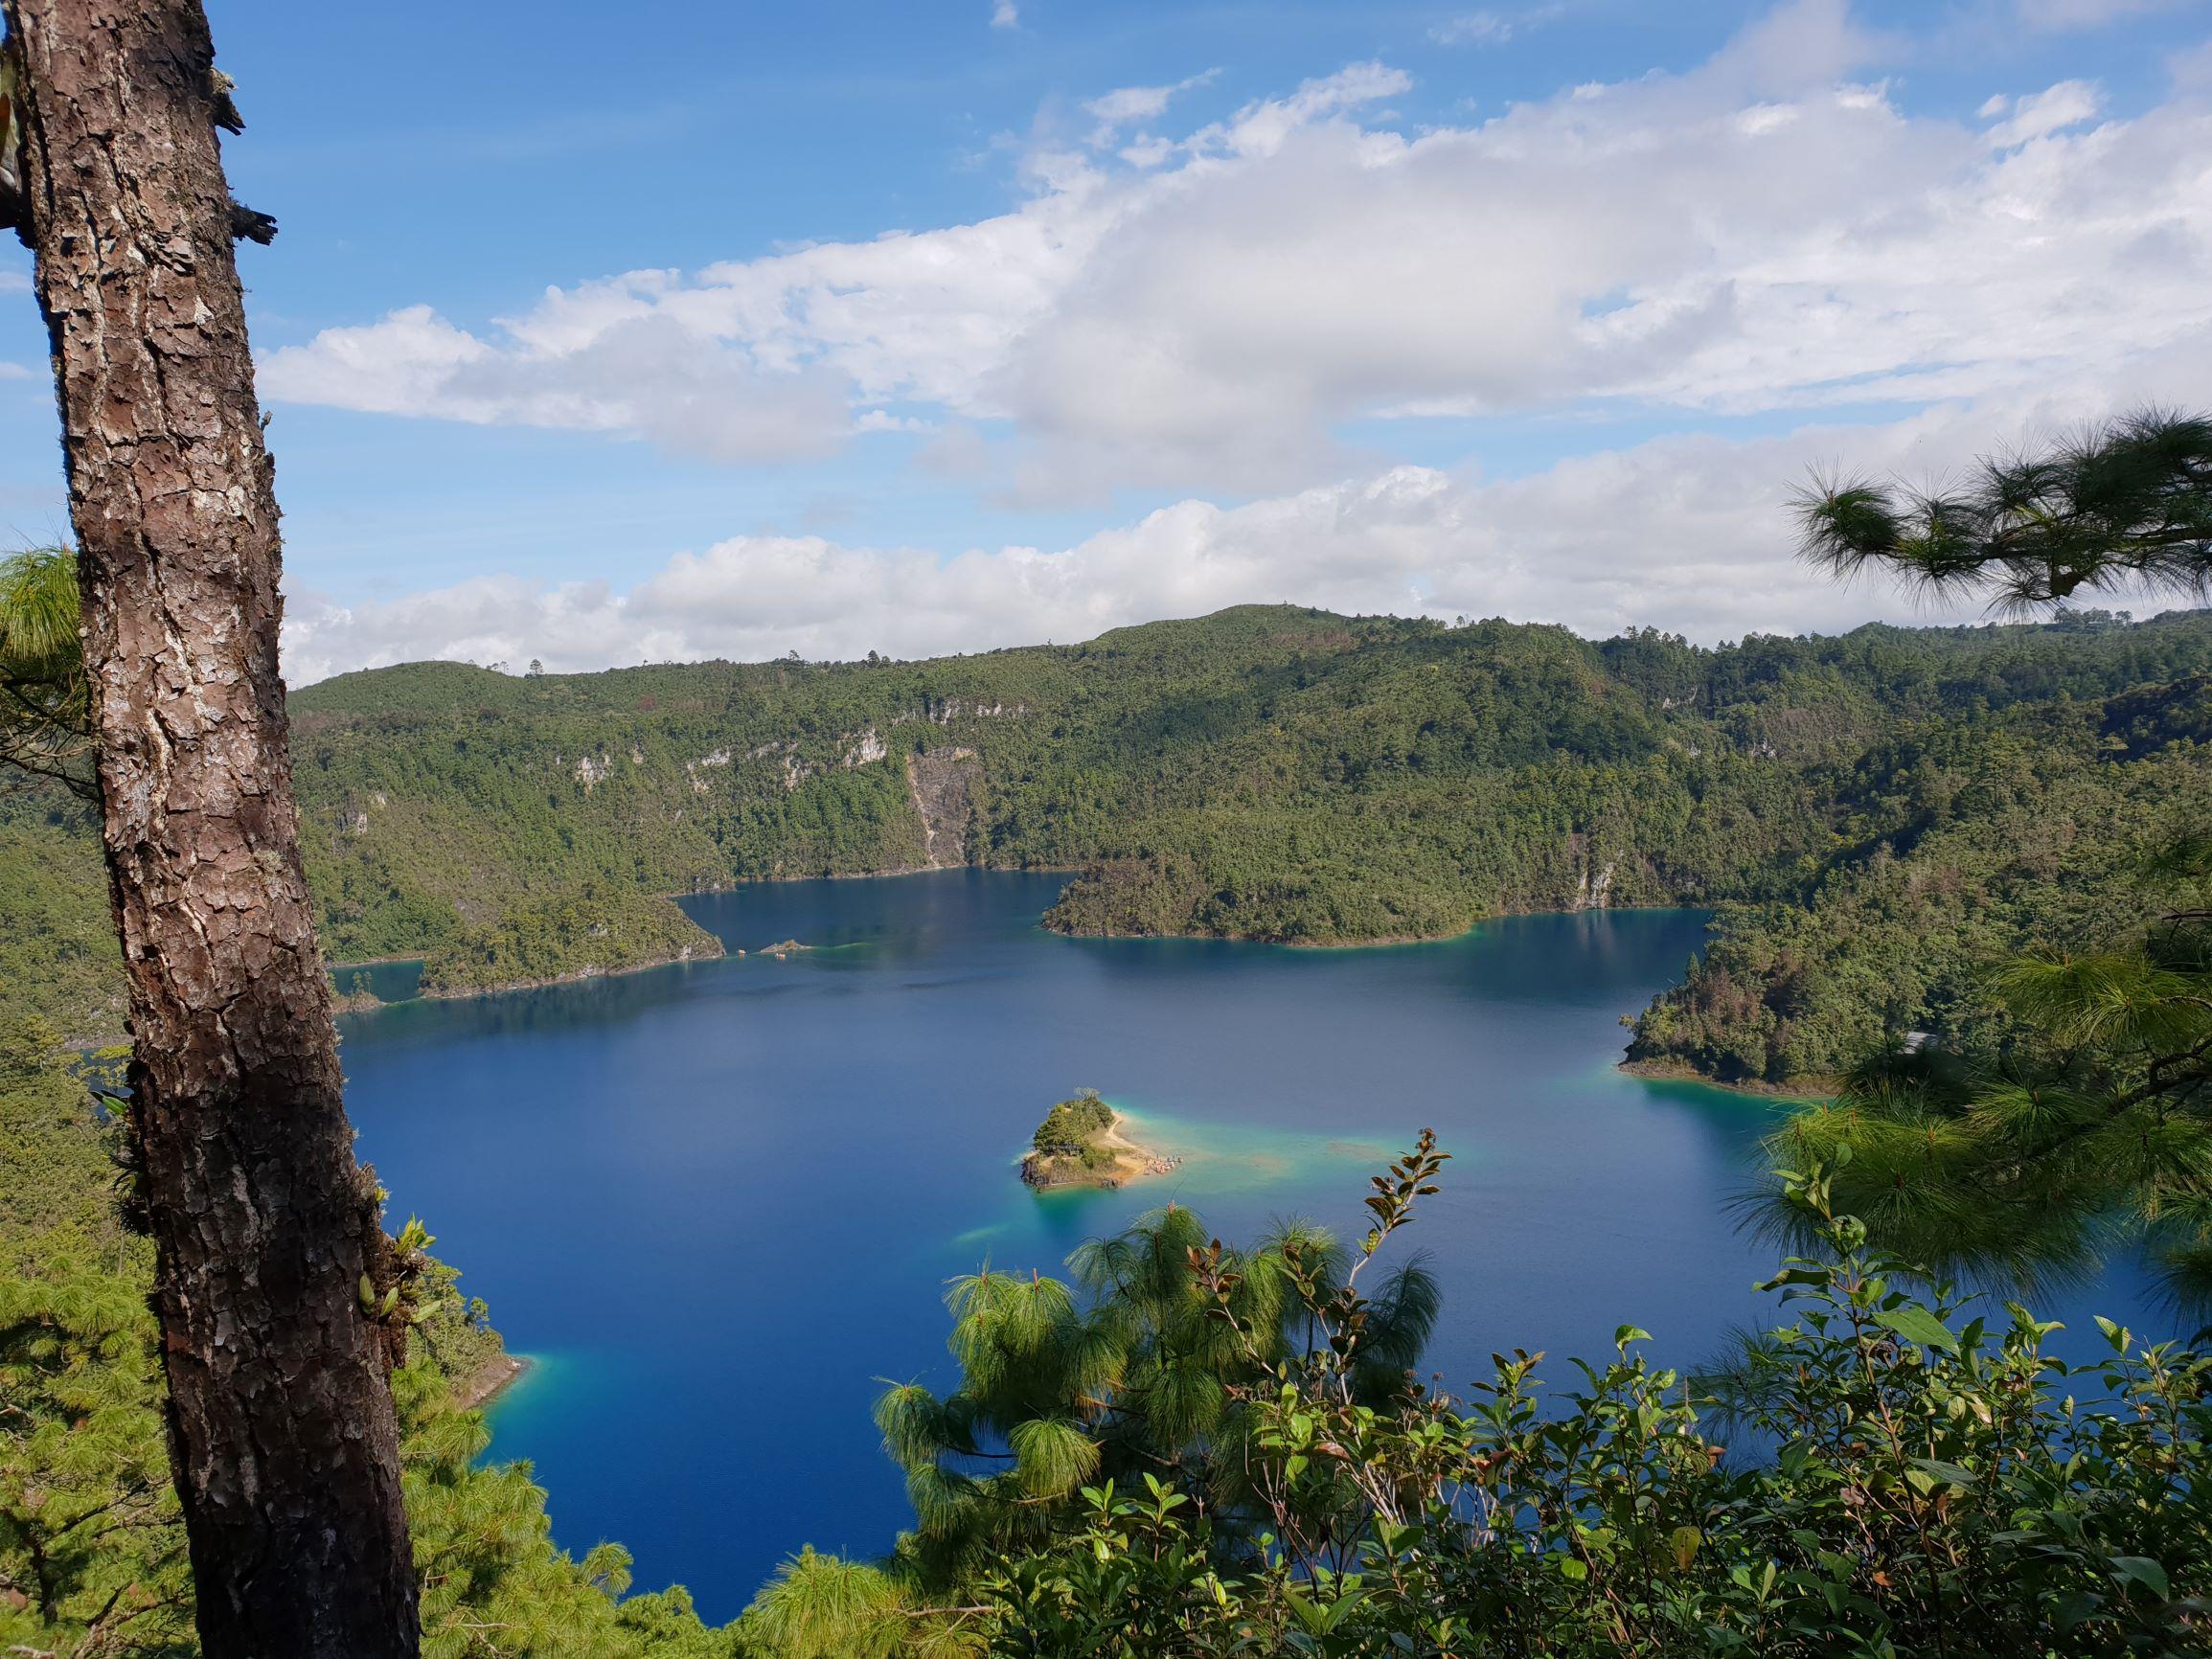 lagos_de_montebello.jpg